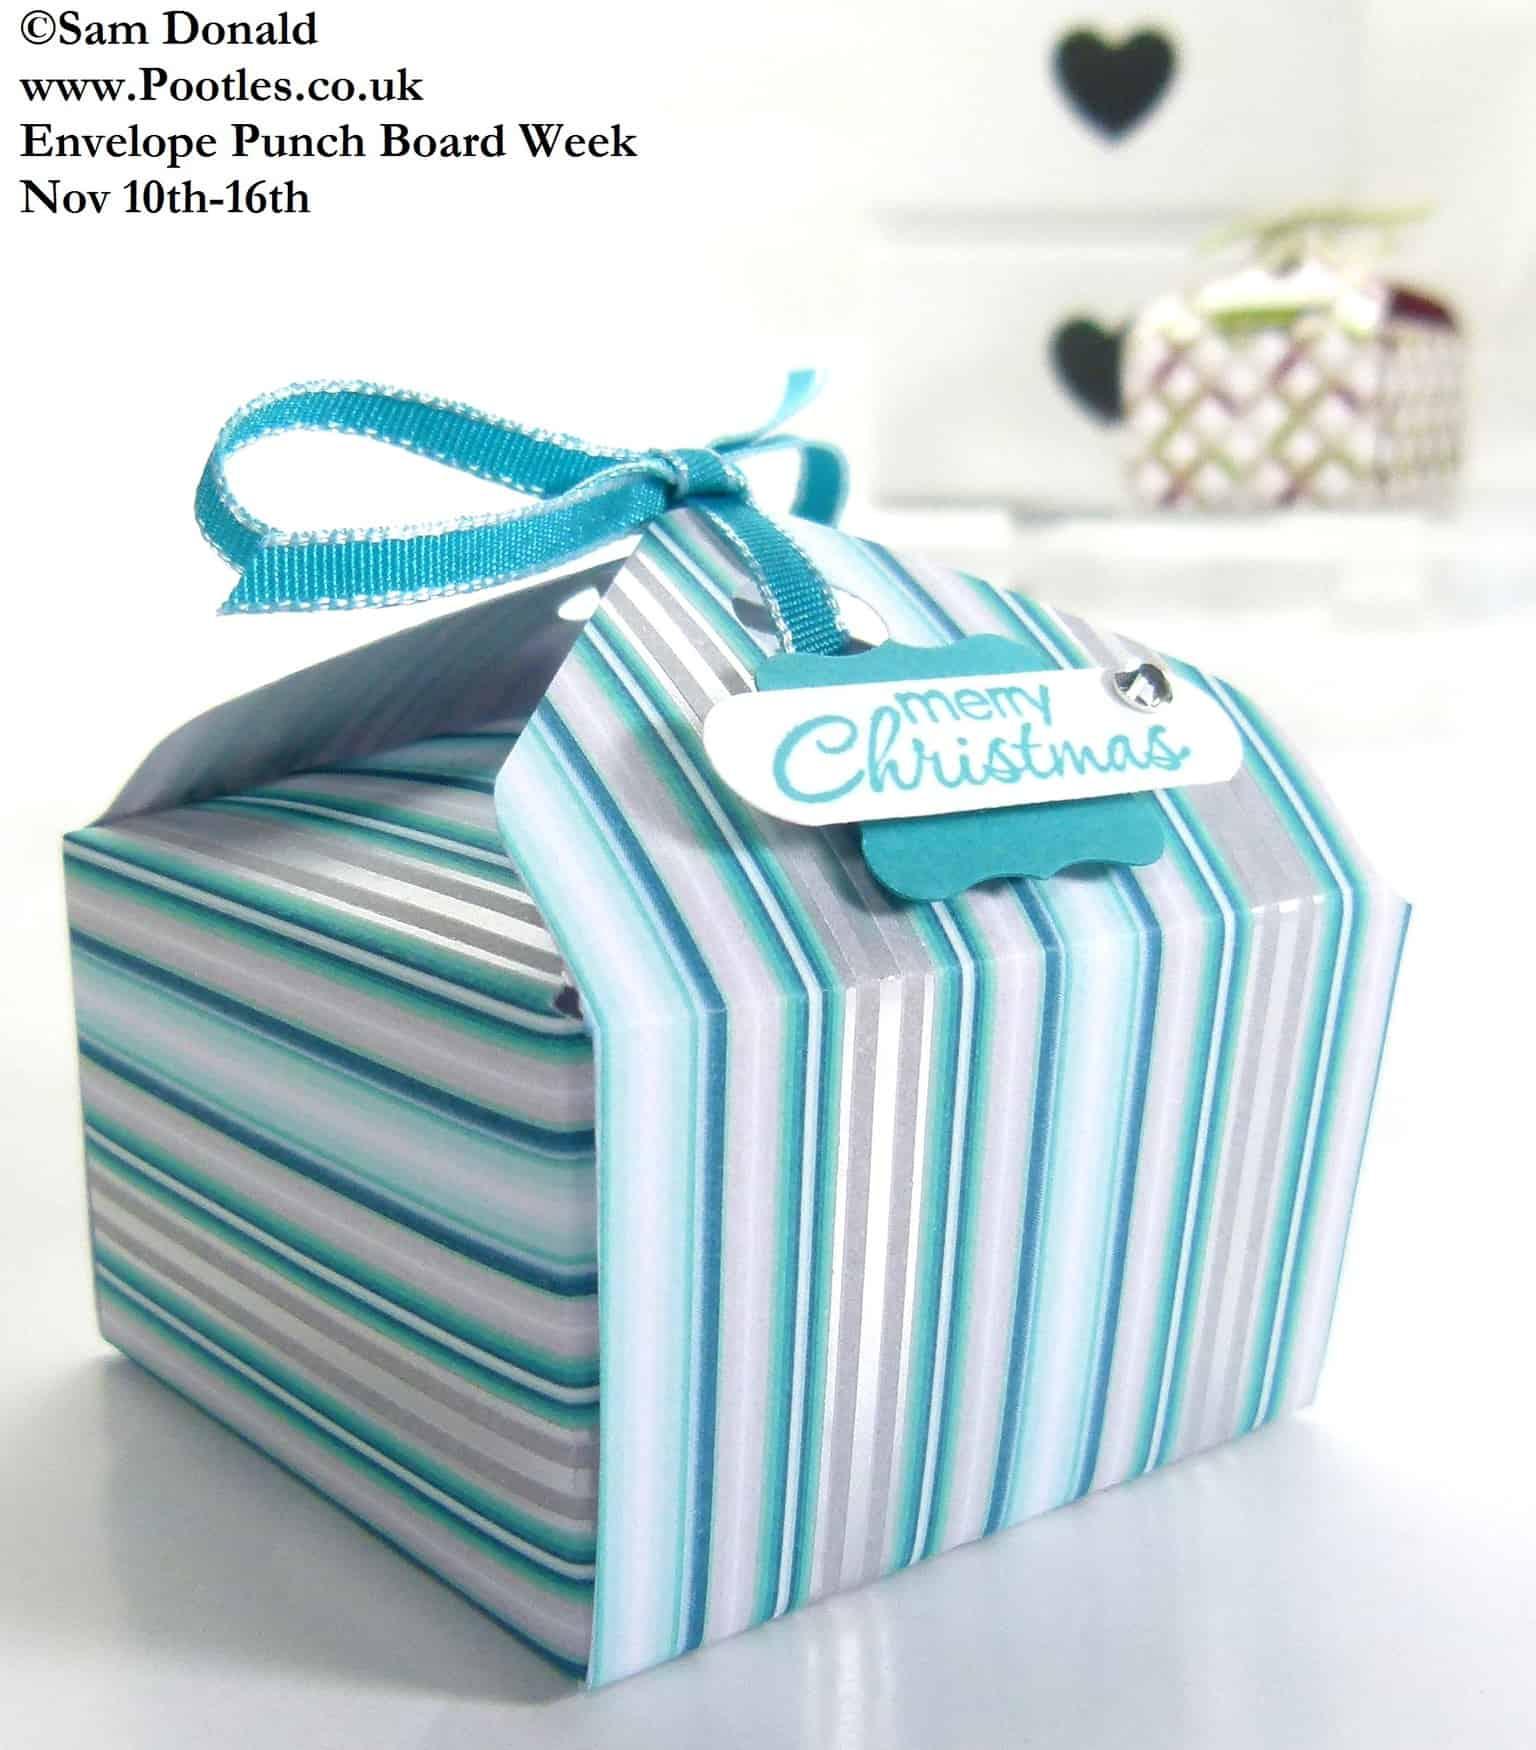 POOTLES Stampin Up ENVELOPE PUNCH BOARD WEEK The Tab Tie Box 3